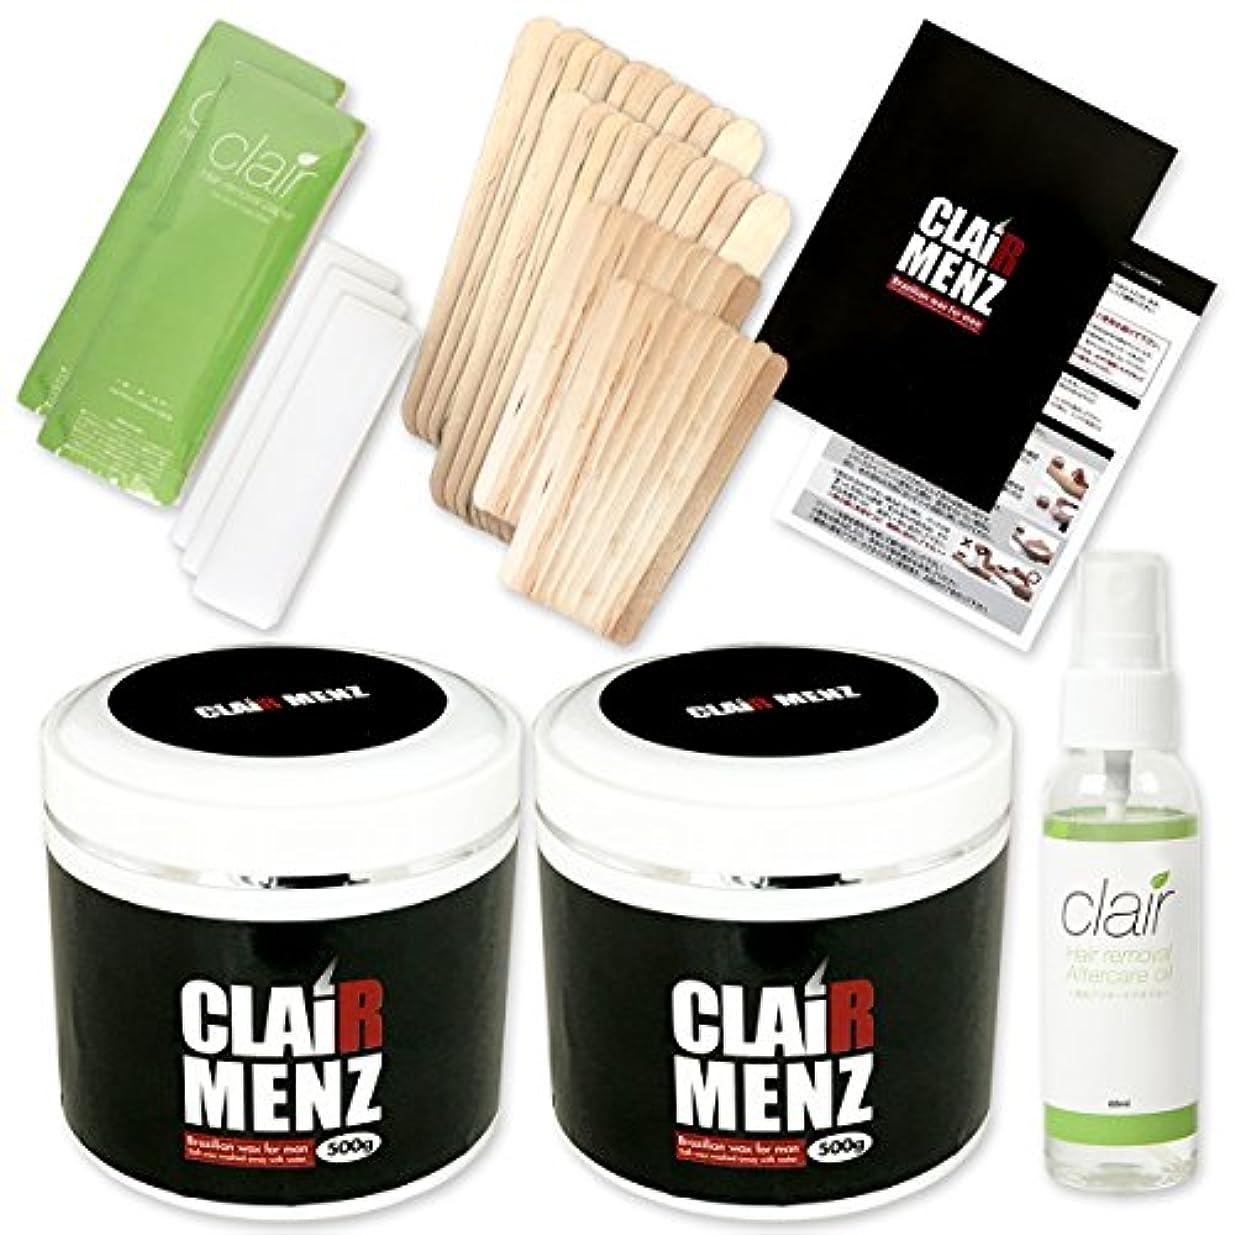 散らす調整可能加速するブラジリアンワックス メンズ専用 clair Menz wax 初めてのブラジリアンワックス 脱毛 全身キット メンズ脱毛専用ラベル 無添加ワックス 【取扱説明書付】